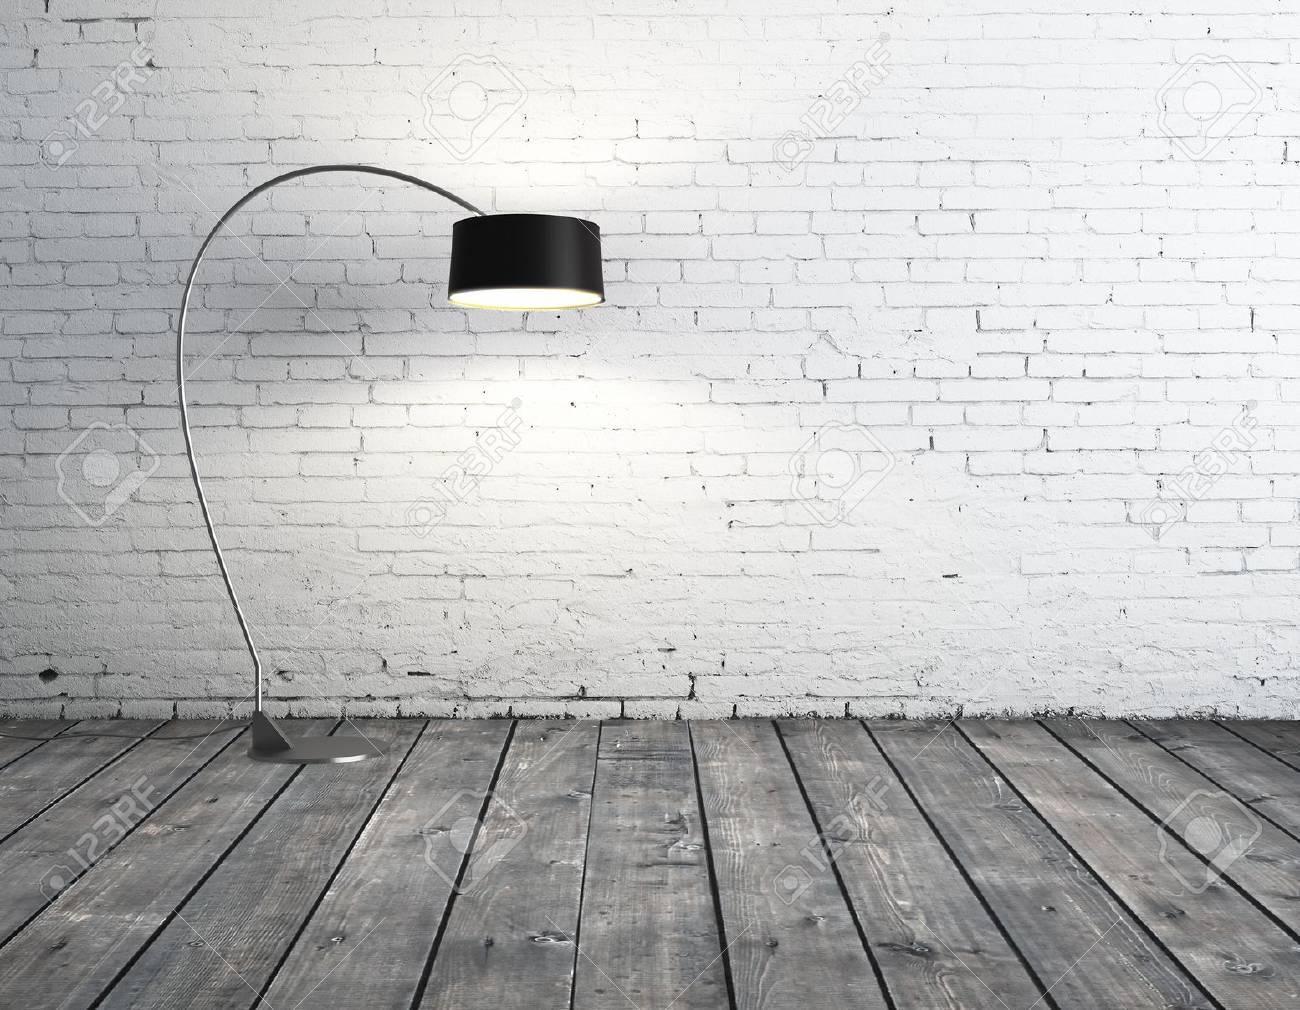 floor lamp in brick room Stock Photo - 16189121